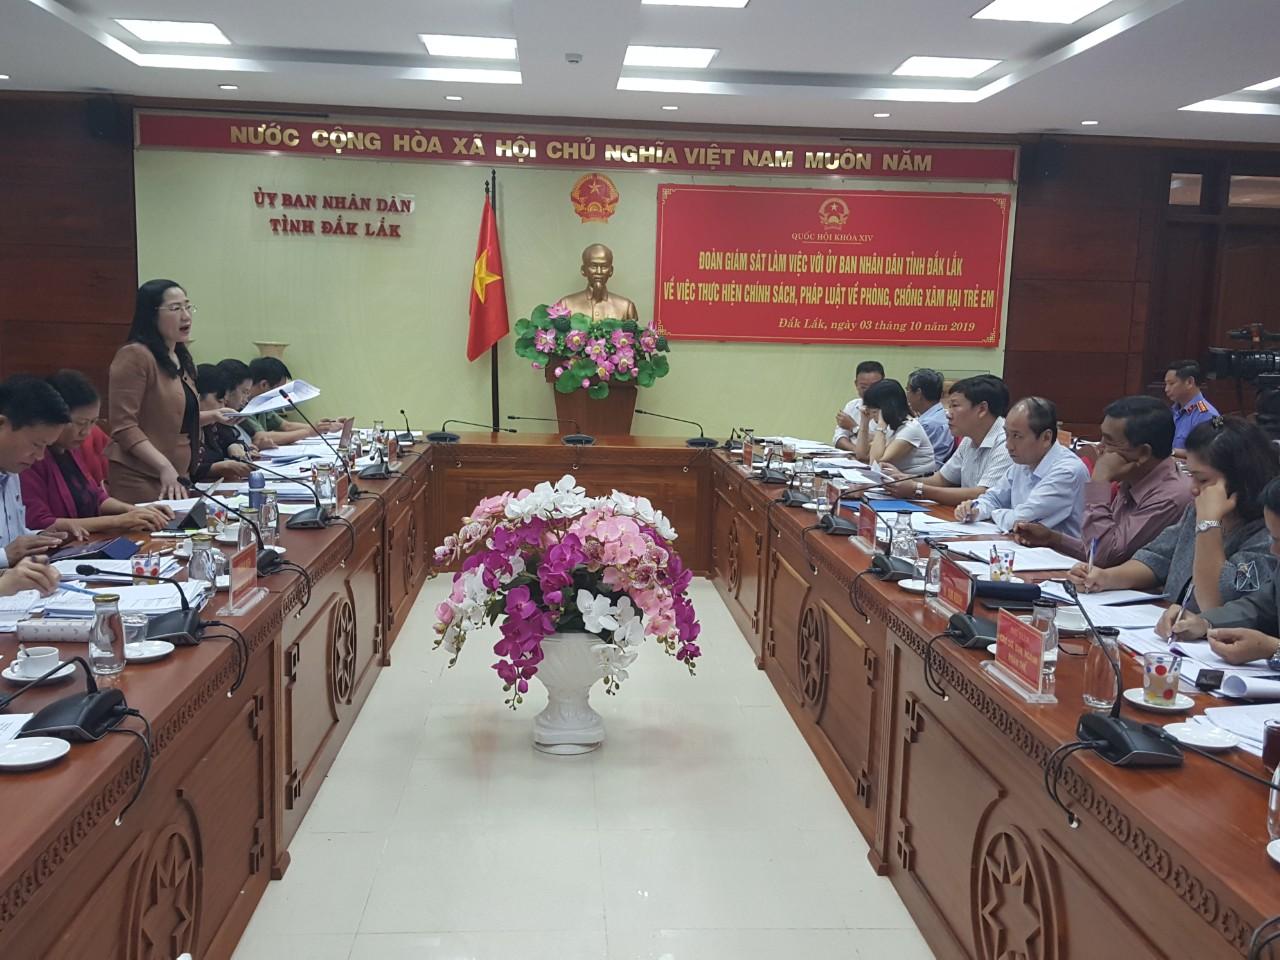 Đoàn giám sát của Quốc hội làm việc tại tỉnh Đắk Lắk